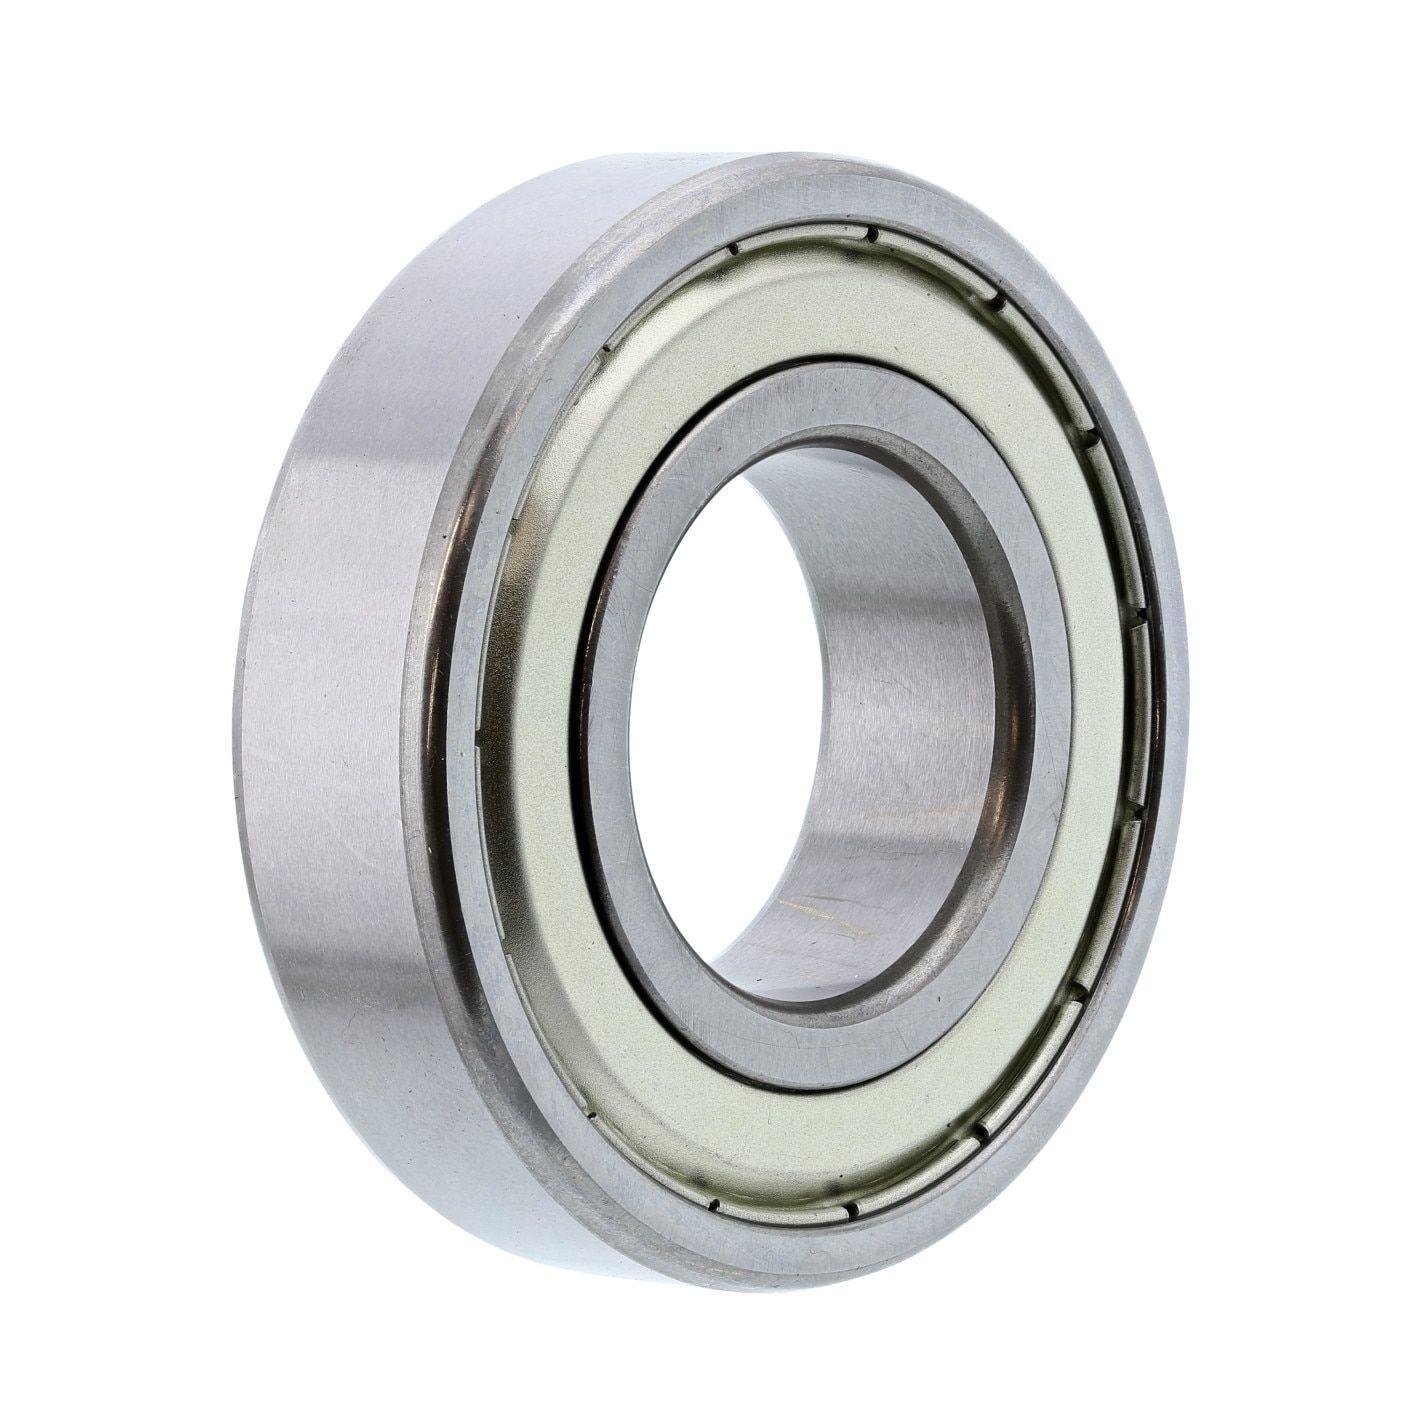 značkové ložisko 6206, 30x62x16 mm do praček - 50269560004 AEG / Electrolux / Zanussi